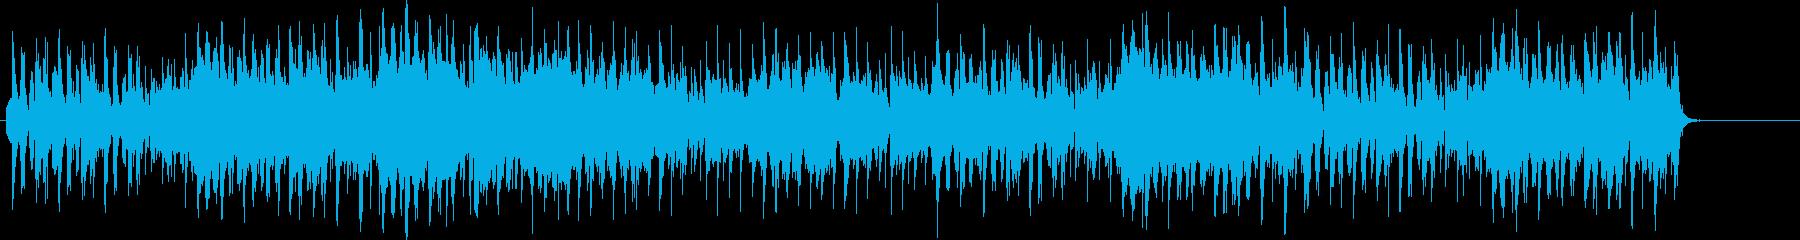 砂漠ステージ戦闘曲の再生済みの波形